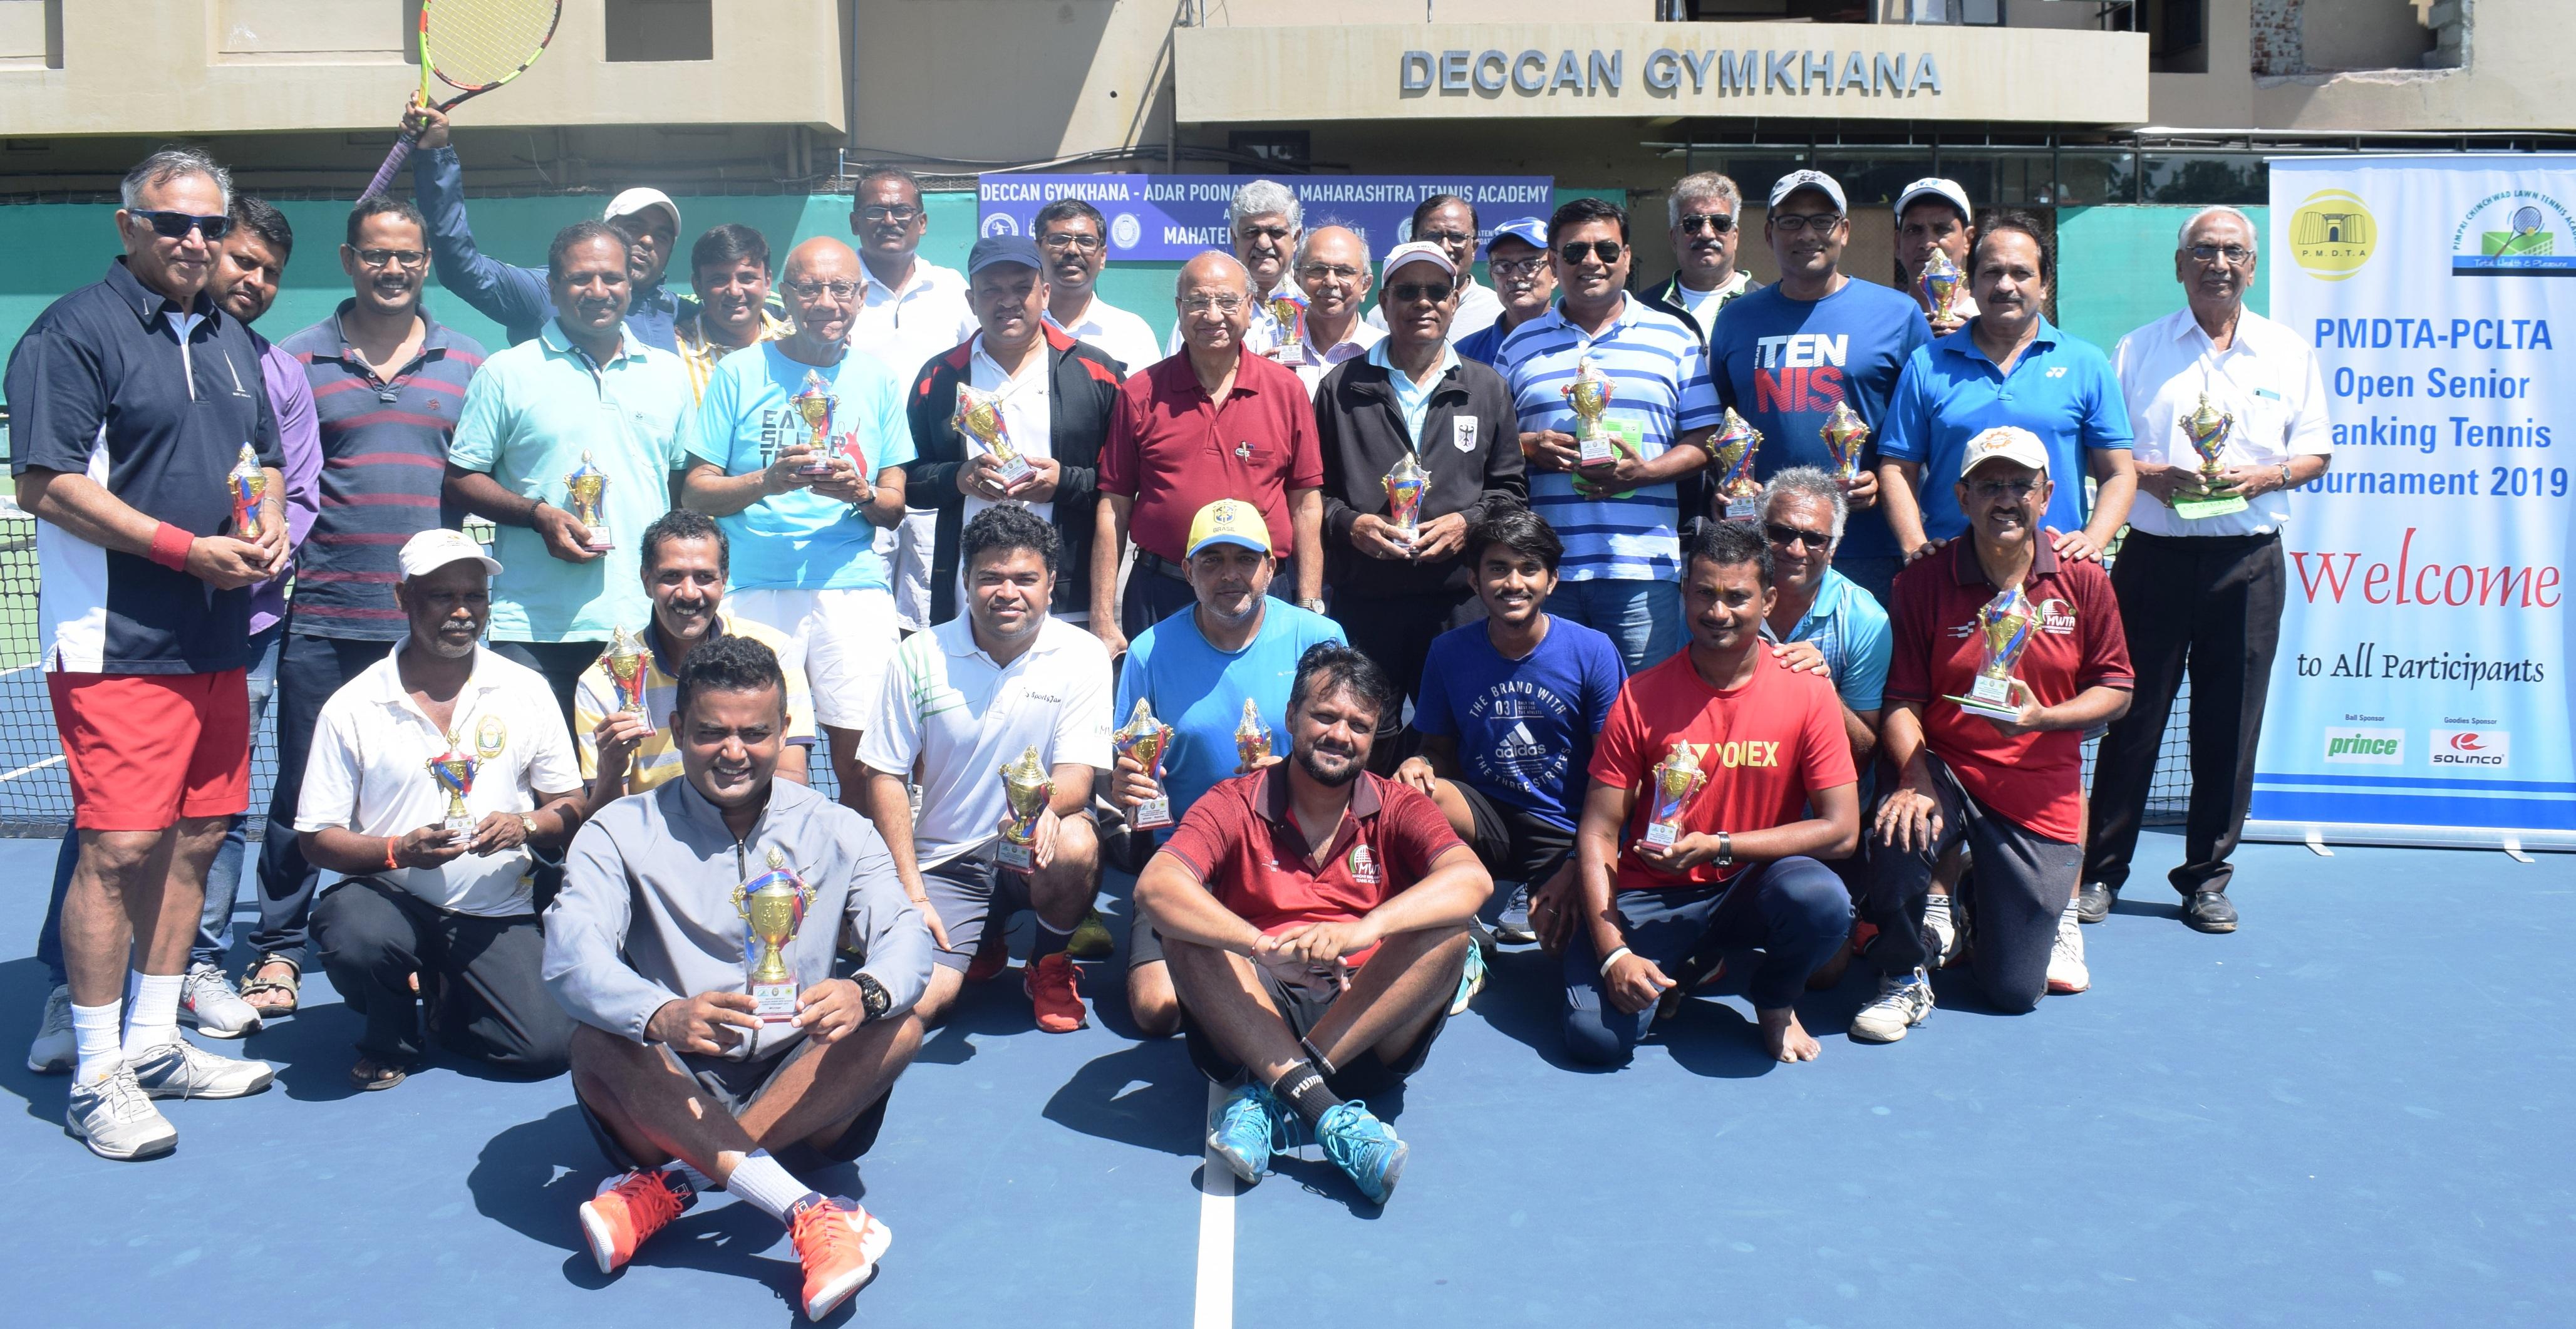 पीएमडीटीए-पीसीएलटीए वरिष्ठ मानांकन टेनिस अजिंक्यपद स्पर्धेत निर्मल वाधवानीला दुहेरी मुकुट